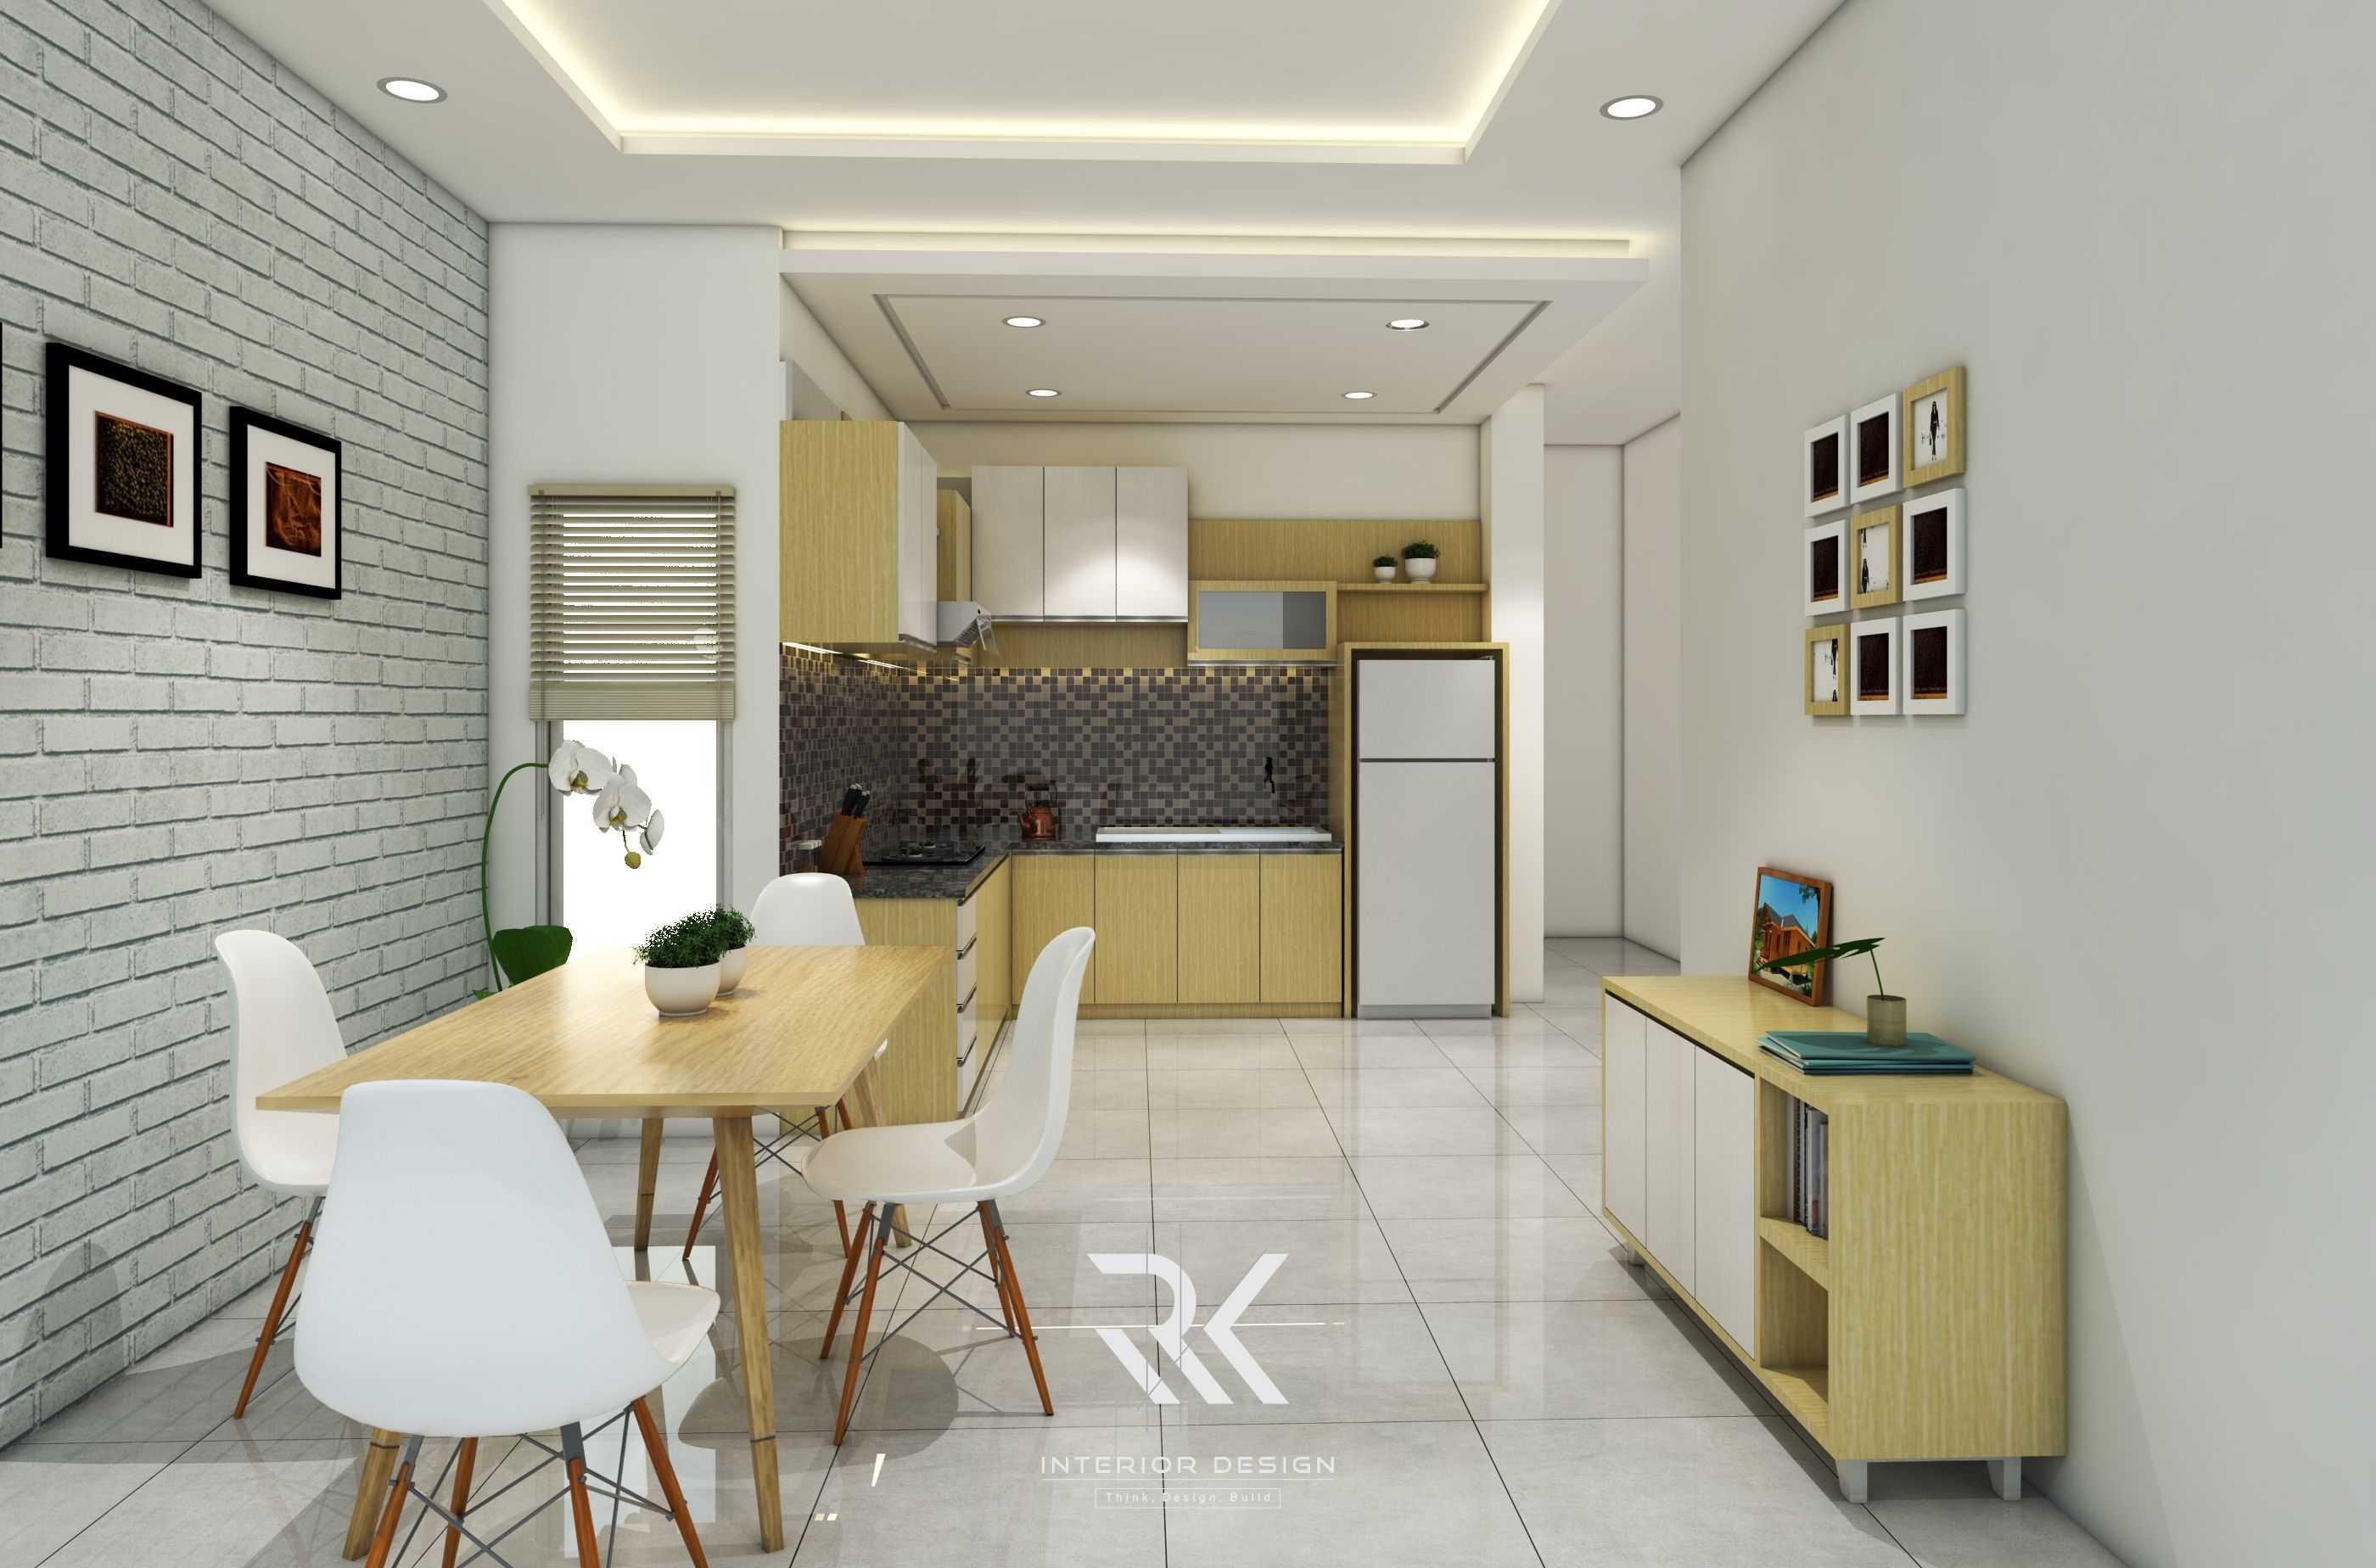 Rk Interior Kitchen Area Magelang, Jawa Tengah, Indonesia Magelang, Jawa Tengah, Indonesia Rk-Interior-Kitchen-Area   69540